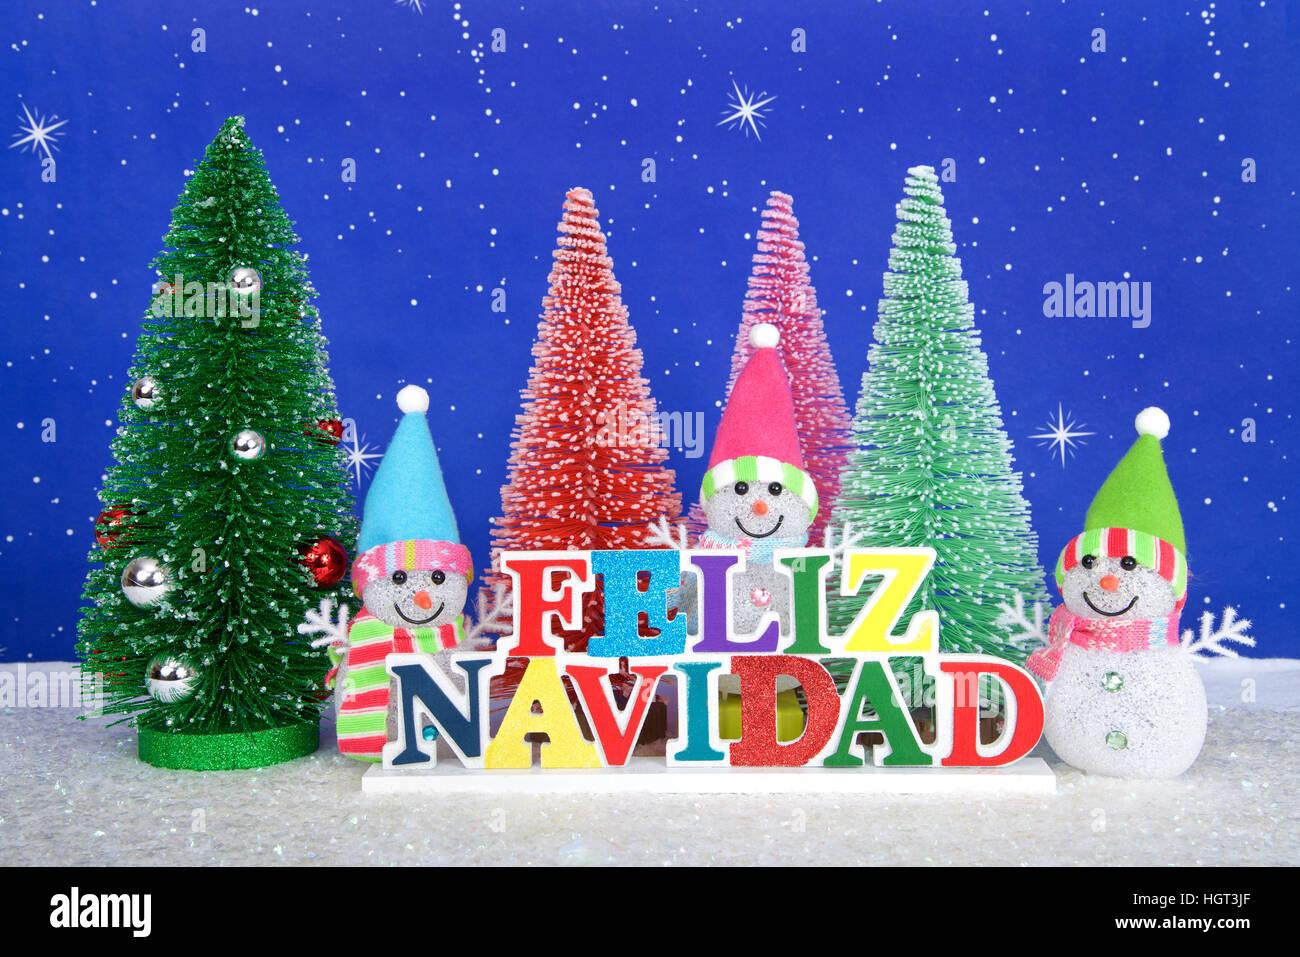 Buon Natale In Spagnolo.Feliz Navidad Buon Natale In Spagnolo In Legno Colorato Segno Rosso Rosa Verde Di Pini Con